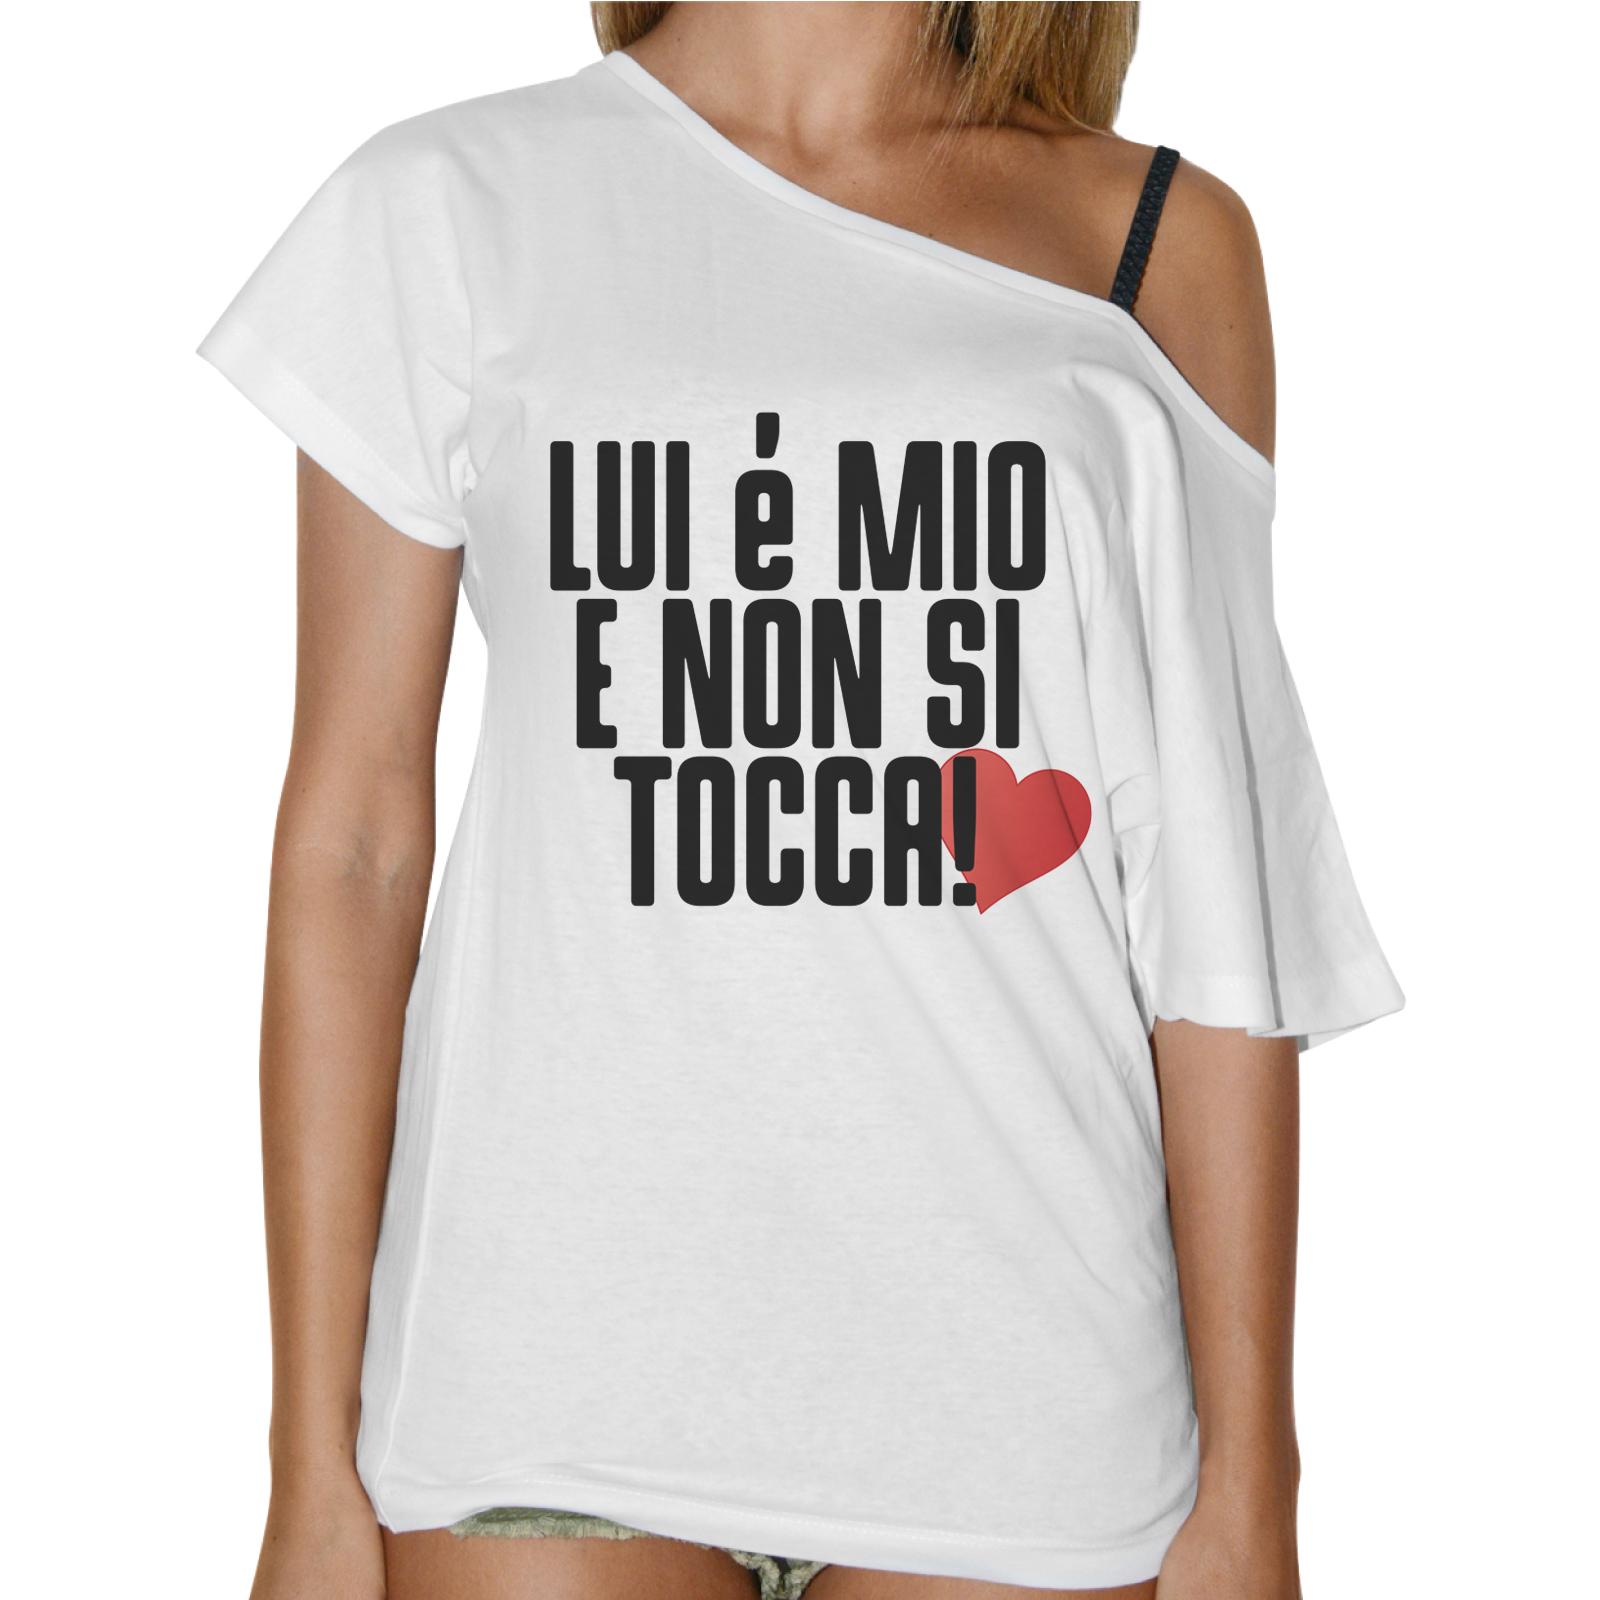 T-Shirt Donna Collo Barca LUI E' MIO